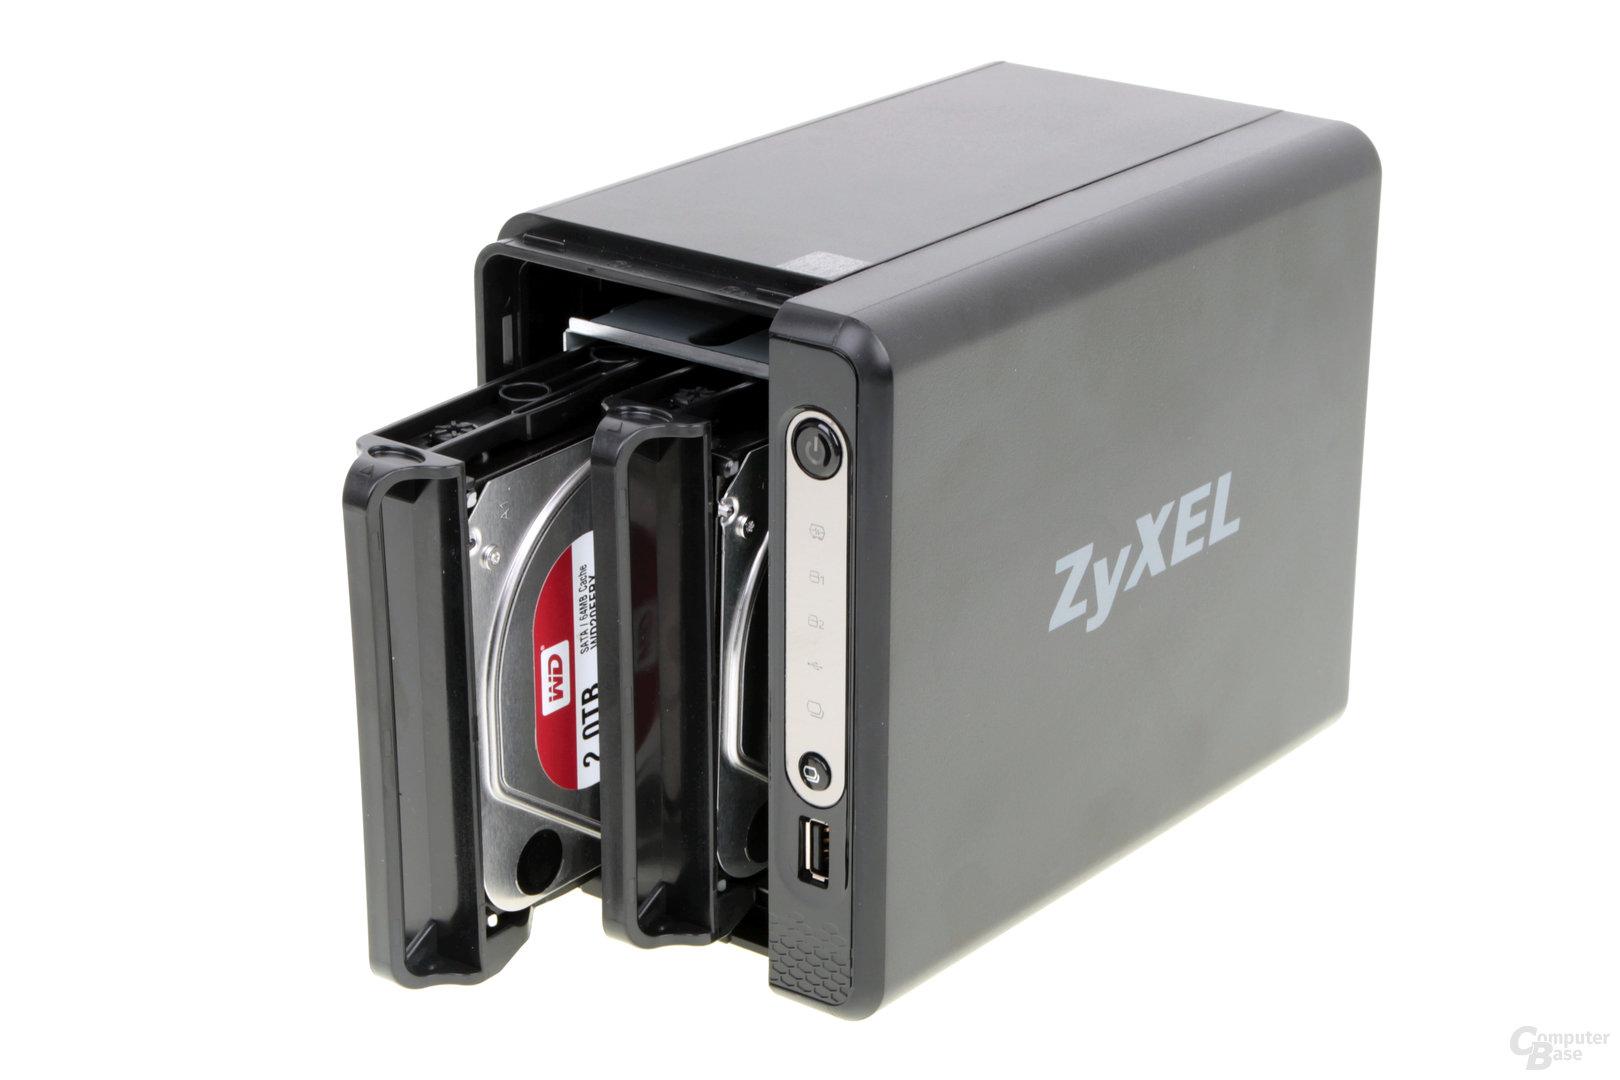 ZyXEL NAS326 im Test